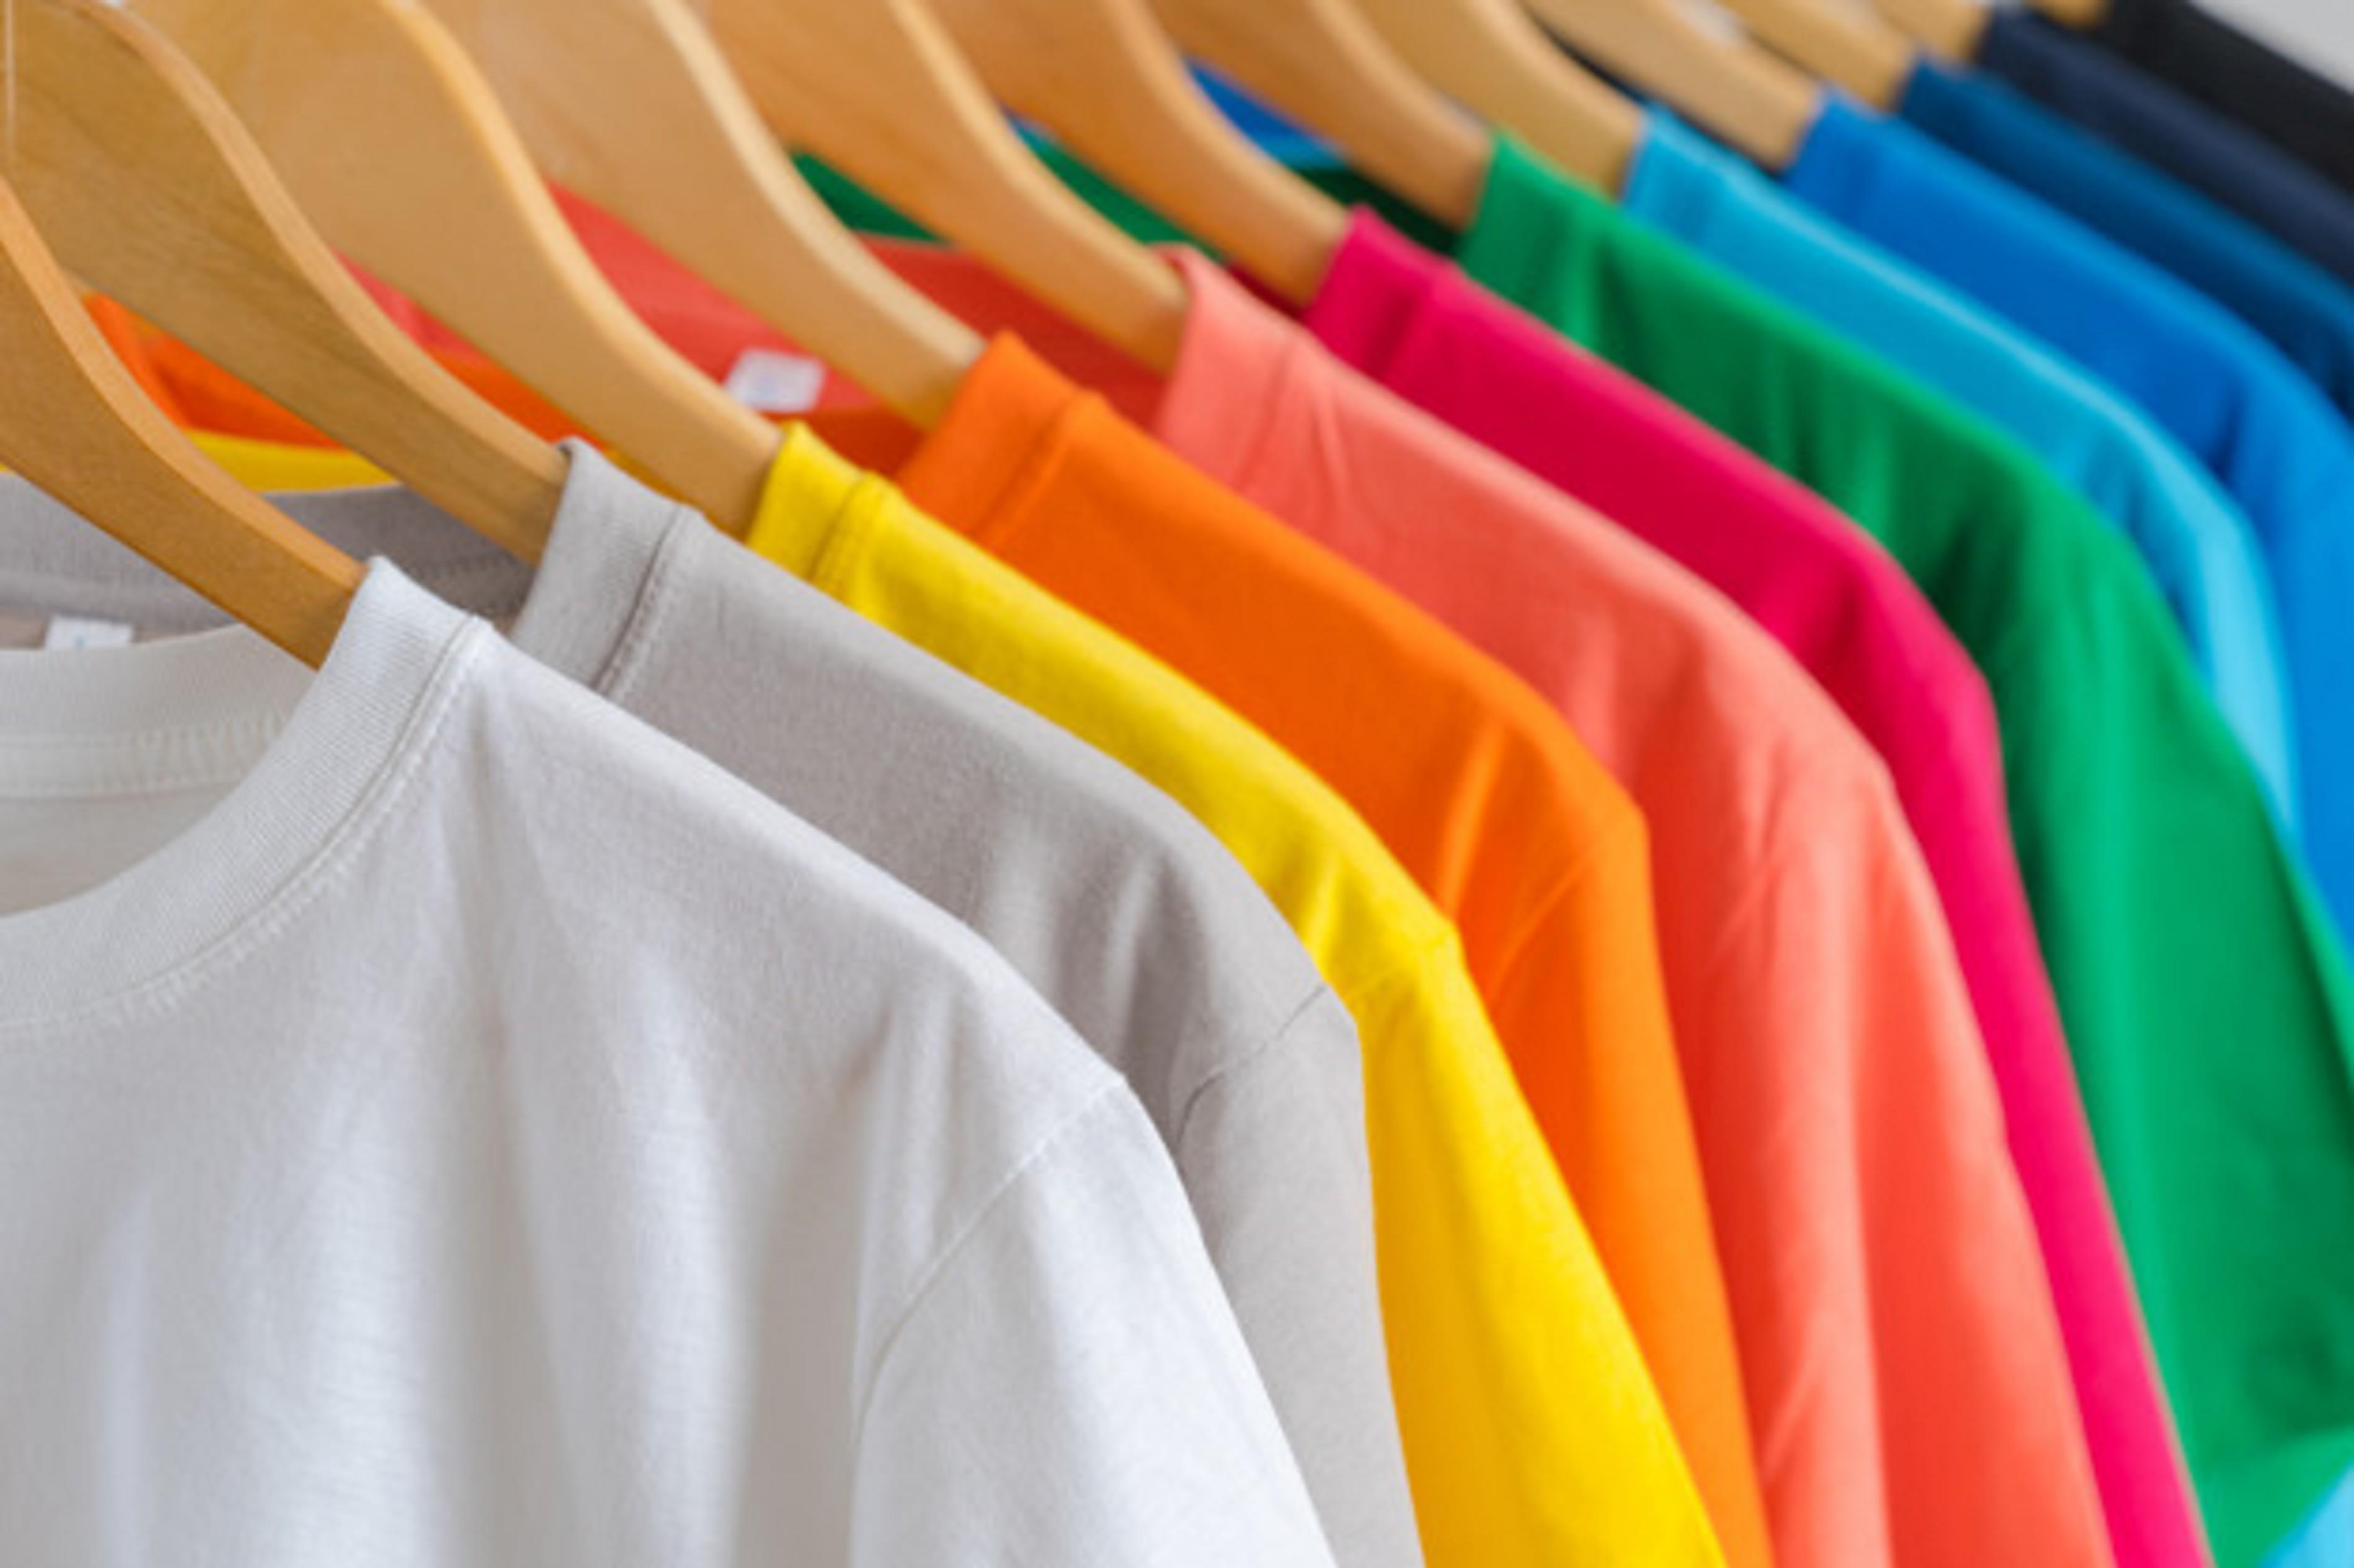 הדפסות על חולצות,רקמות